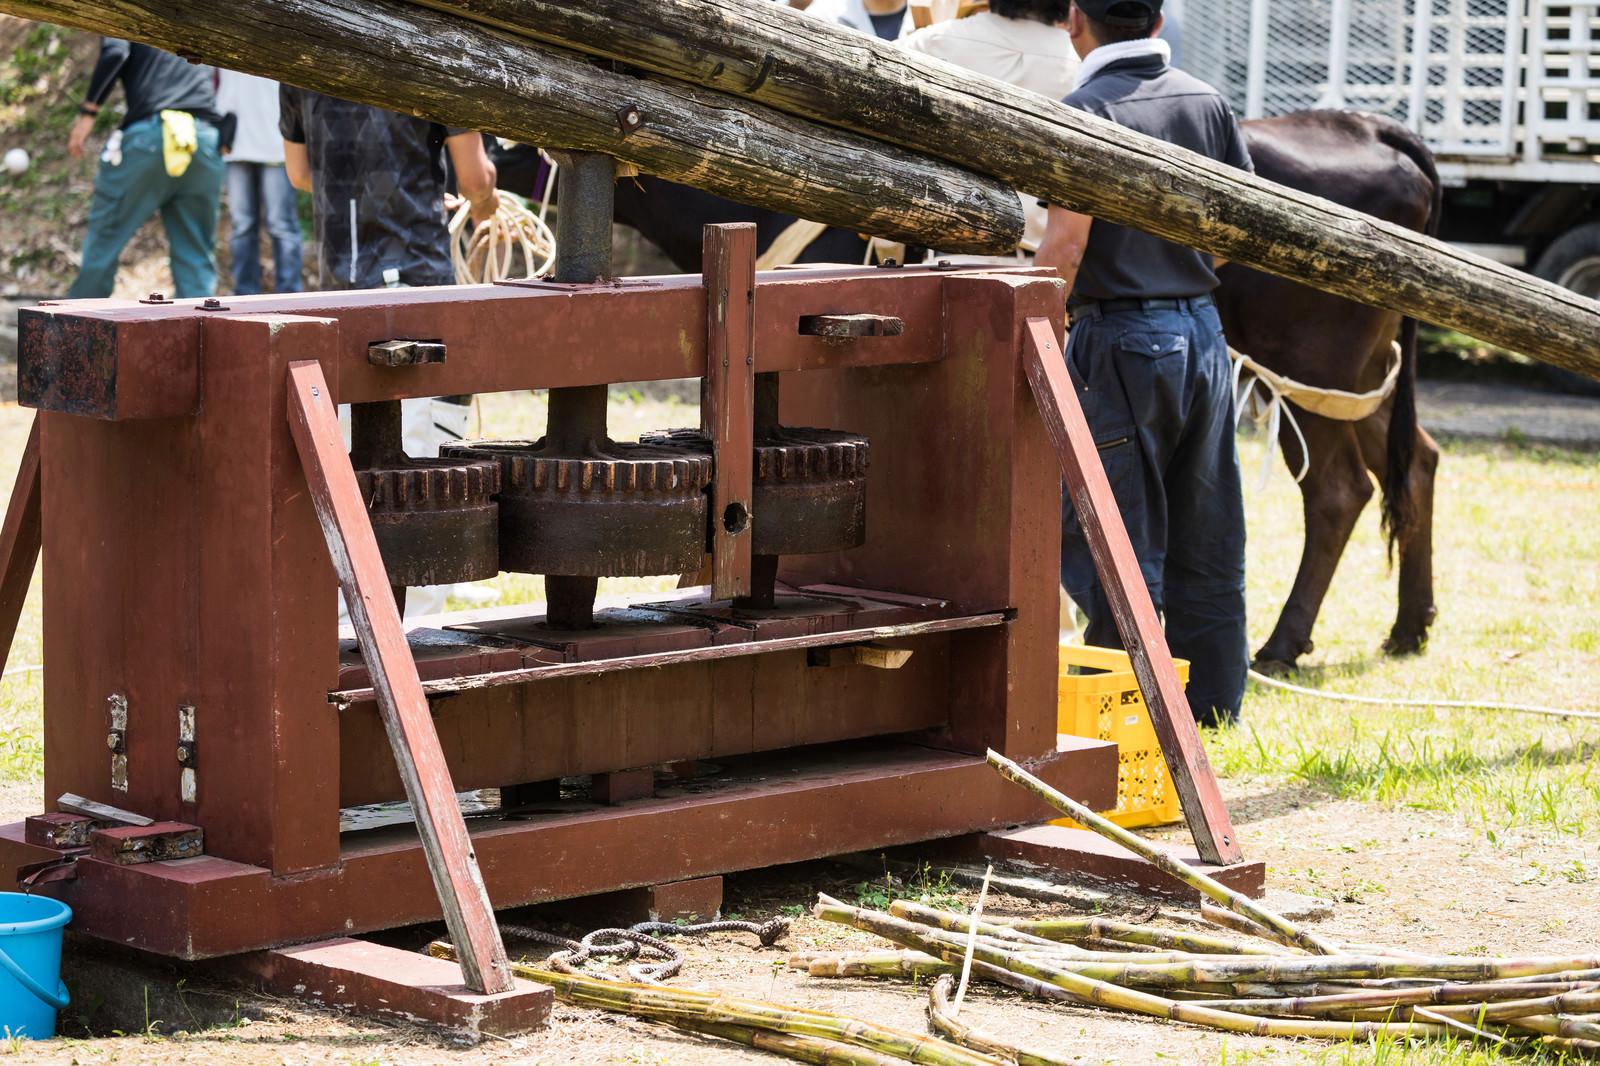 「徳之島黒砂糖まつりで使われる昔のサトウキビ圧搾機」の写真